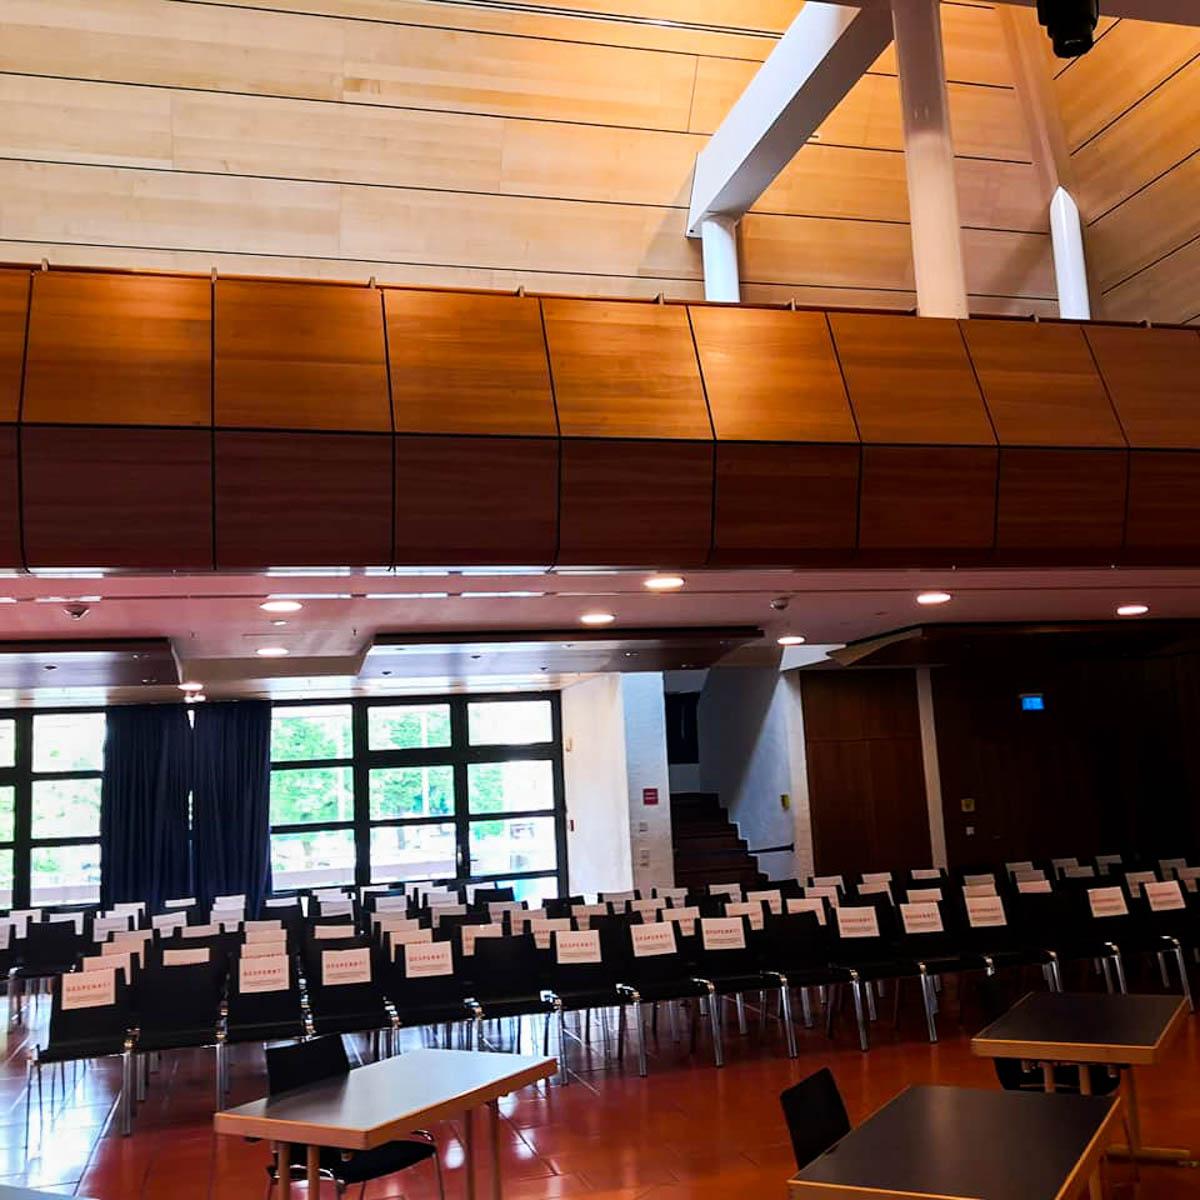 Saal und Seminarräume in München